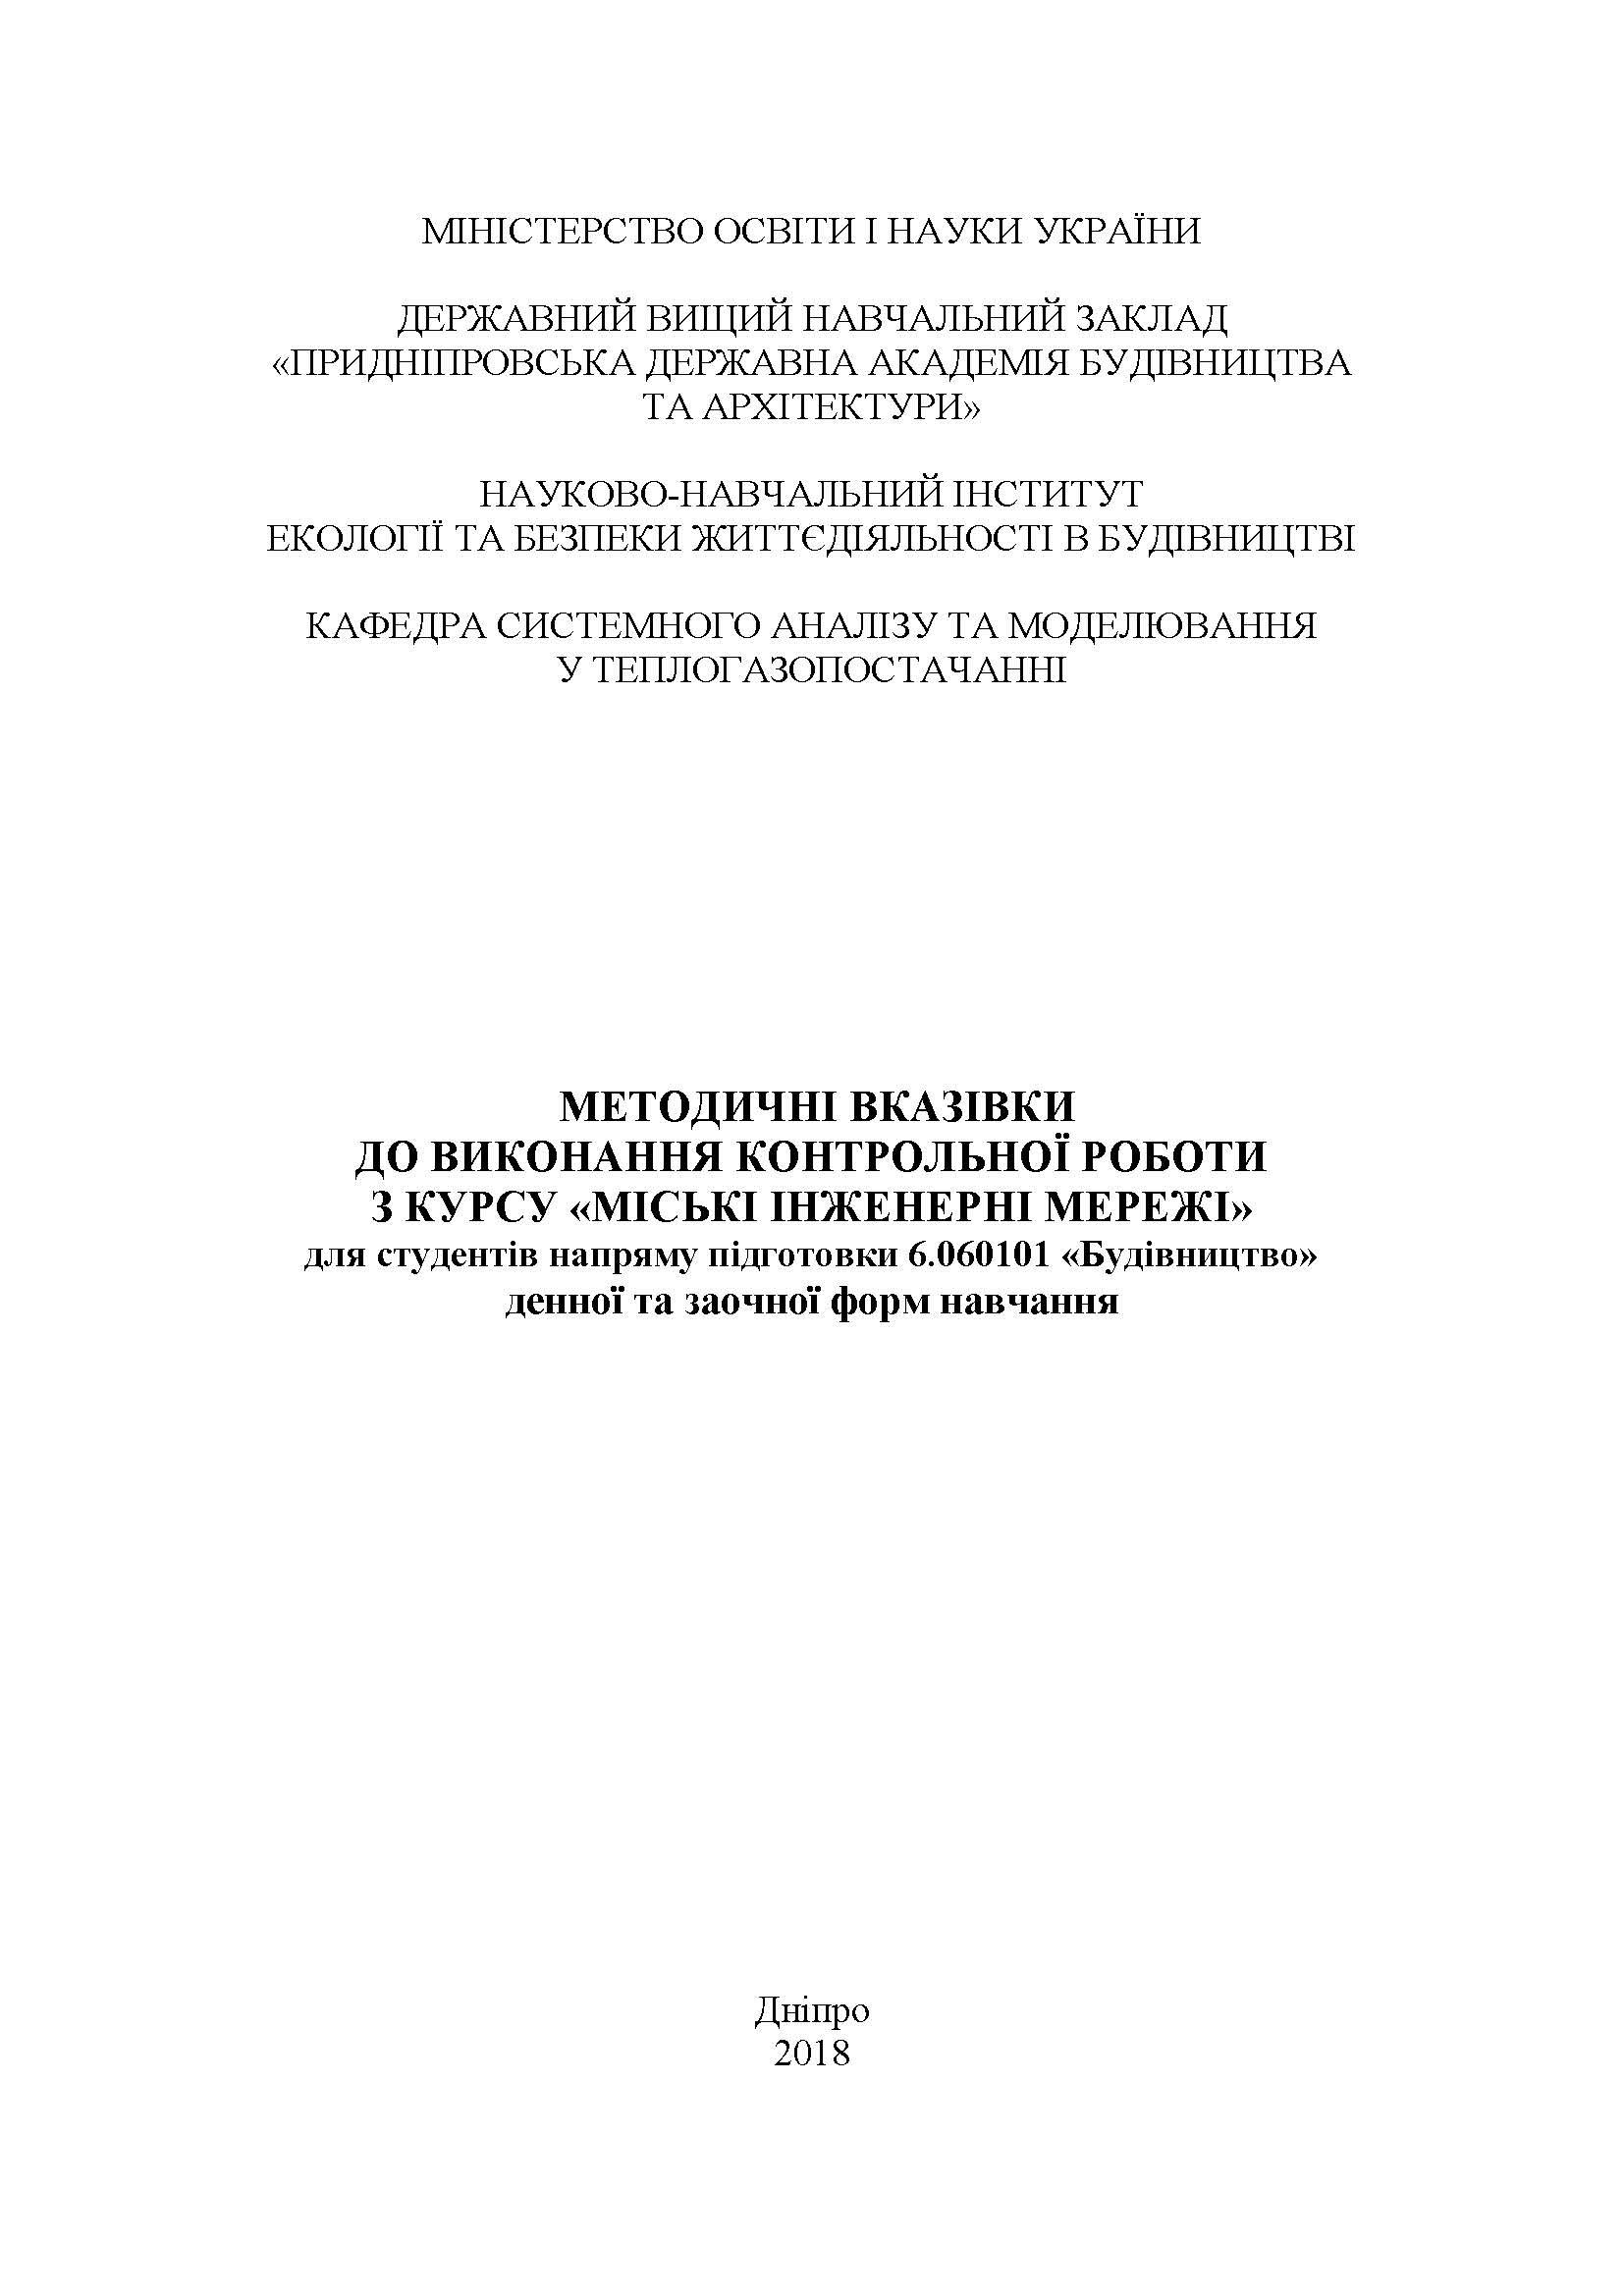 Методичні вказівки до виконання контрольної роботи з курсу «Міські інженерні мережі», 2018